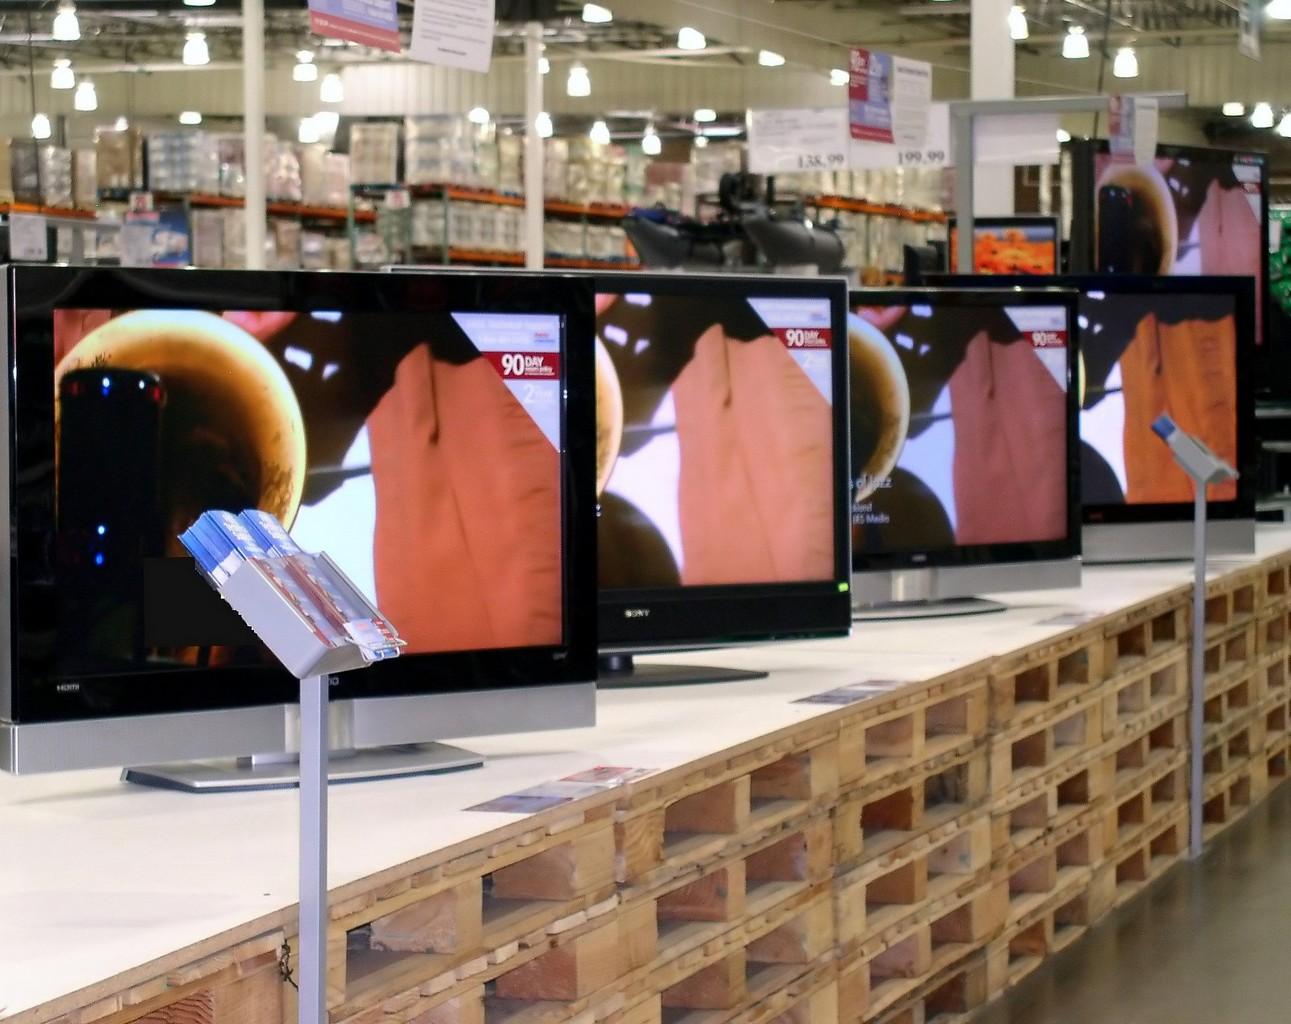 Choisir une t l vision cran plat - Choisir une television ...